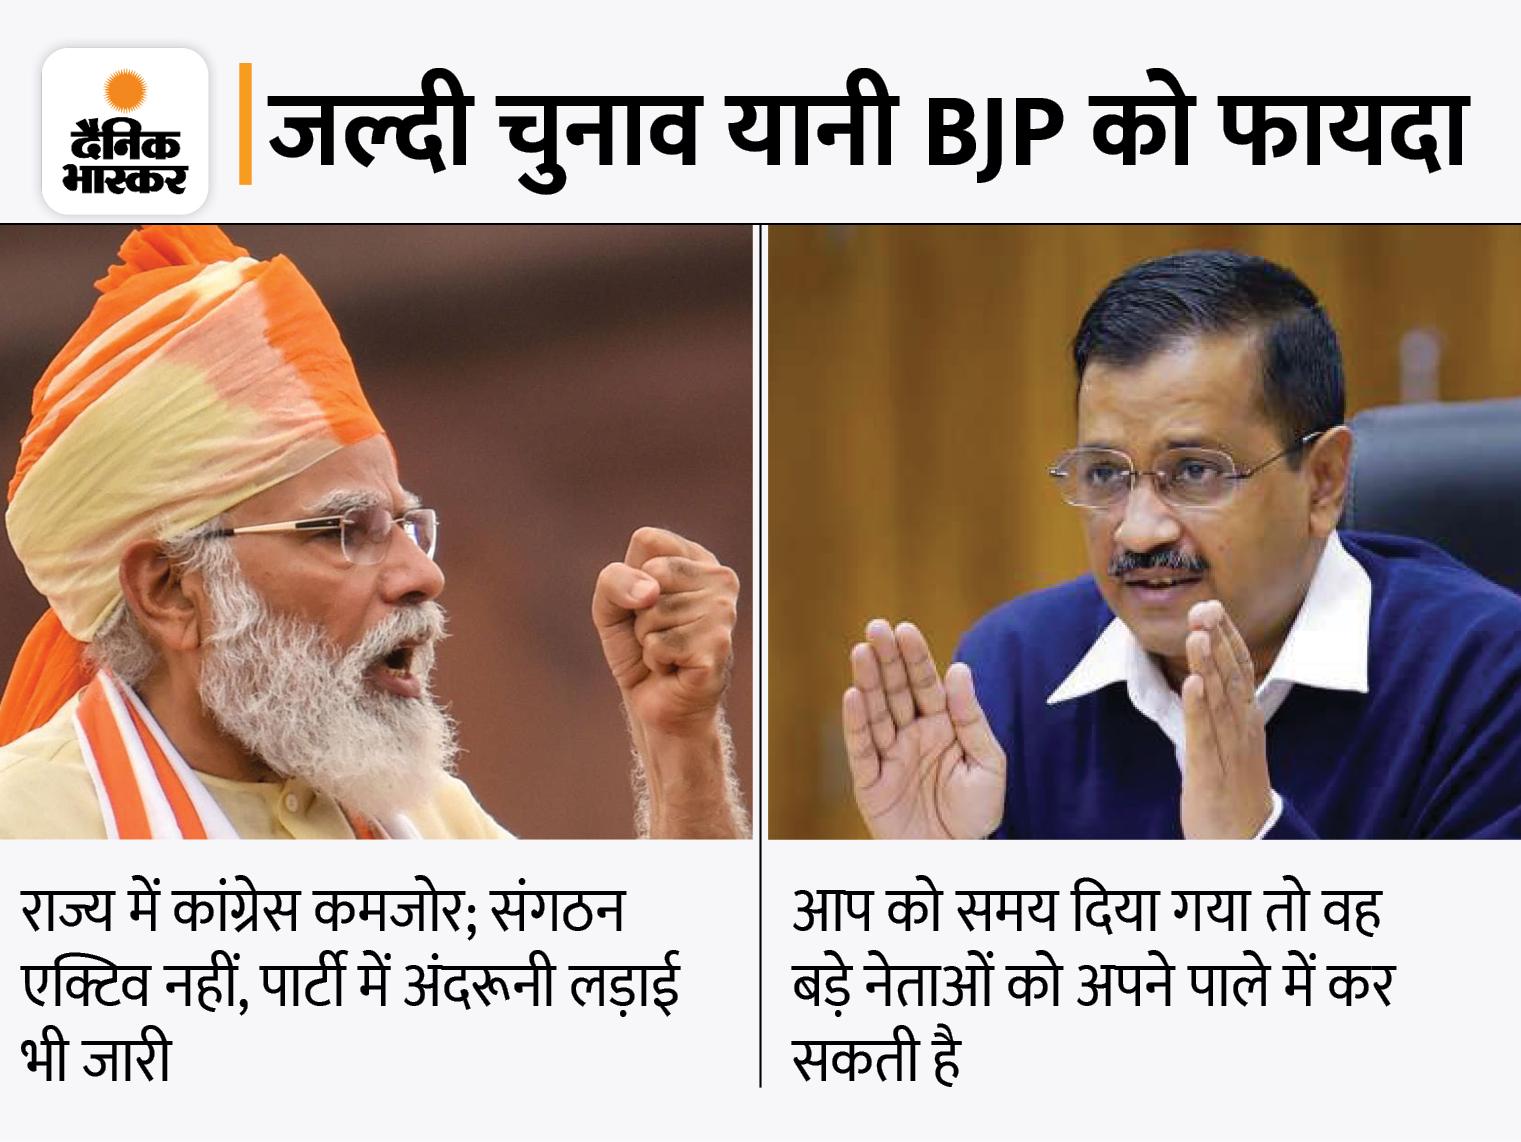 BJP तय समय से 10 महीने पहले चुनाव कराने की तैयारी में, निकाय चुनाव में जीत और AAP की बढ़ती पैठ इसकी वजह|गुजरात,Gujarat - Dainik Bhaskar